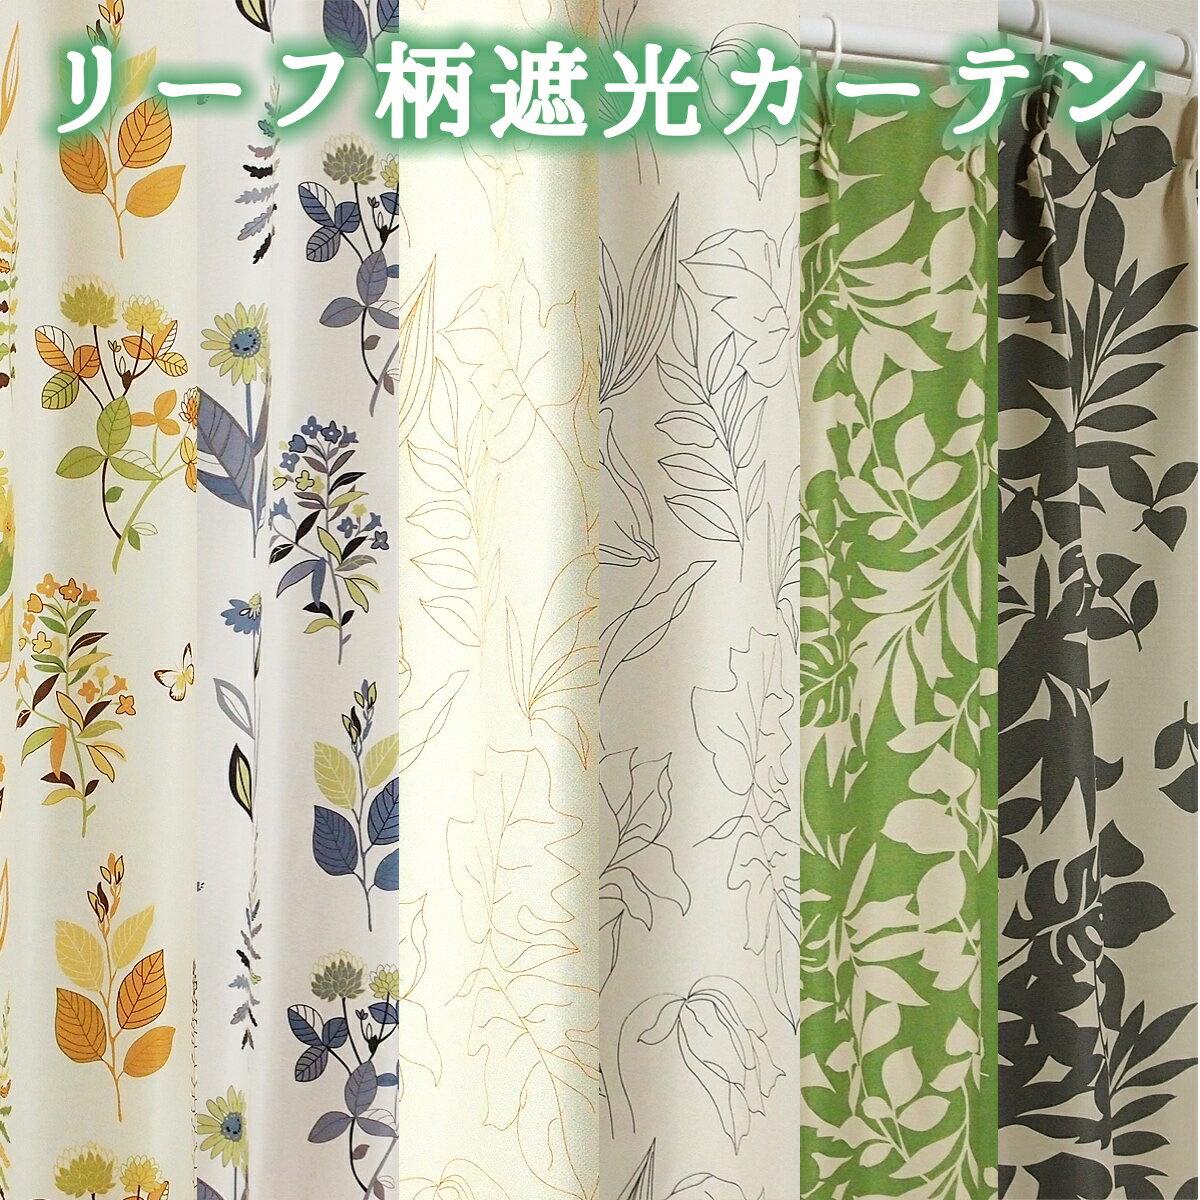 遮光 カーテン 北欧 おしゃれ 可愛い 選べる 6種類 形状記憶 丸洗いOK お得サイズ(2枚組)リーフ